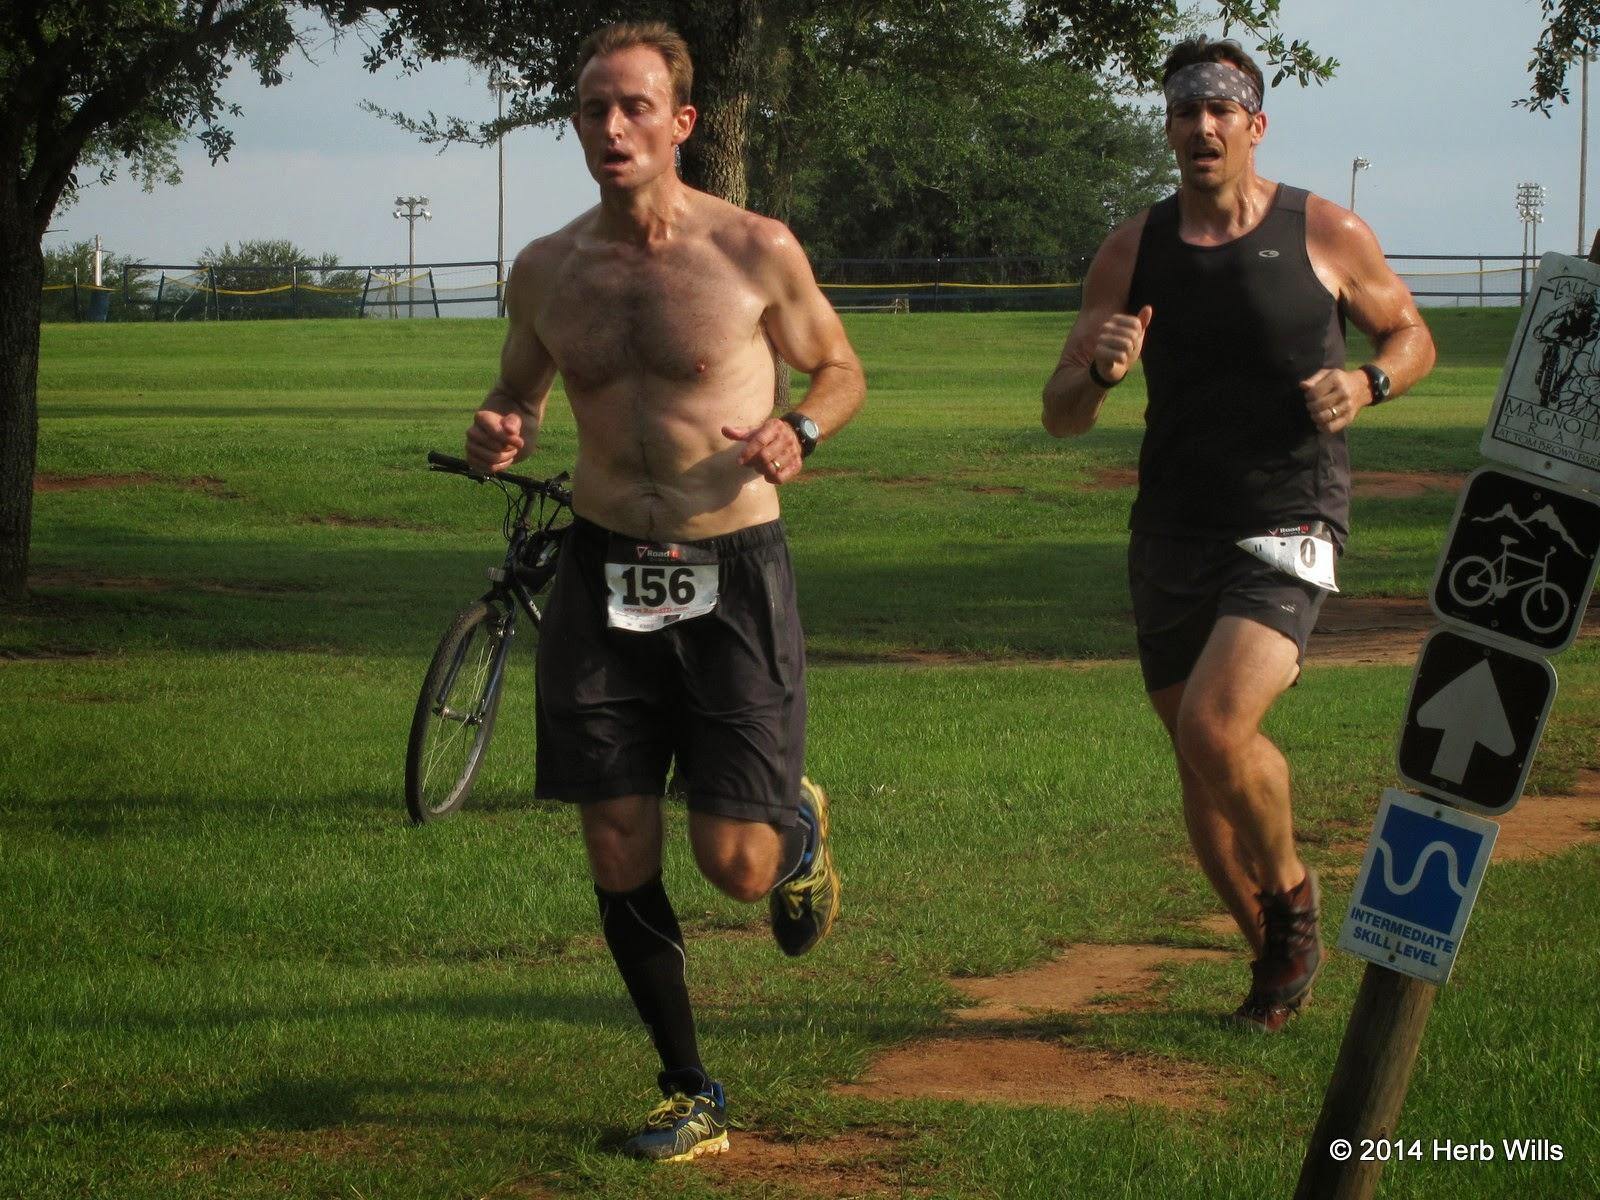 Jay Smith and Brian Molen